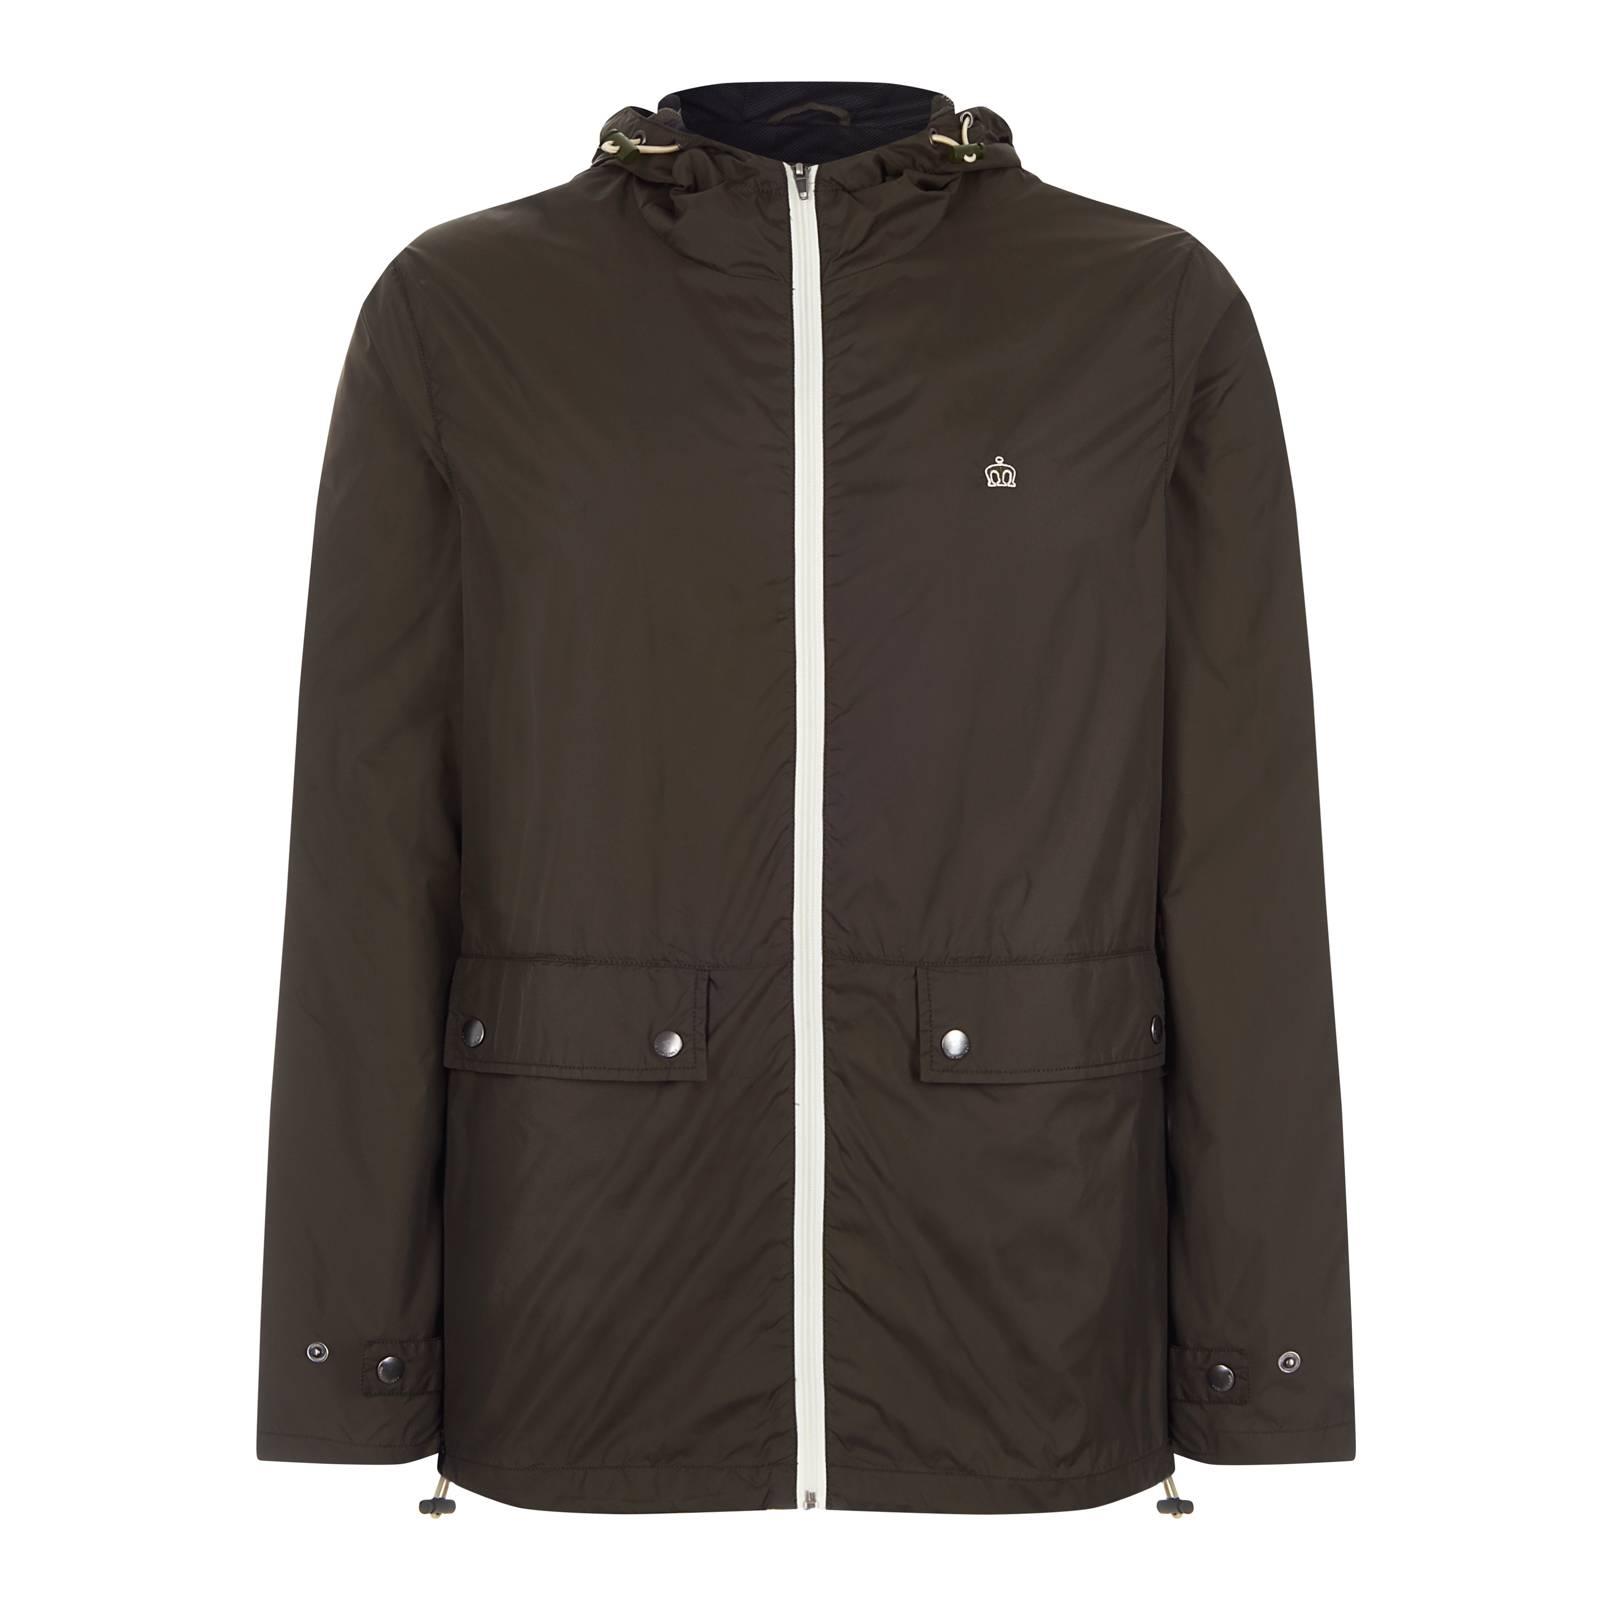 Ветровка ChesterВерхняя одежда<br>Мужская куртка-дождевик, пошитая из легкой водонепроницаемой ткани, – превосходное решение в дни весенней, летней и сентябрьской непогоды. Сочетает высокий воротник-стойку и удобный капюшон с утяжками, благодаря чему в этой куртке можно буквально спрятаться от дождя, оставив лишь небольшой просвет для глаз по типу шноркель парки. Верхняя часть воротника усилена внутренней ветрозащитной планкой, а низ ветровки, как и капюшон, оснащен утяжками, препятствуя задуванию. Имеет спереди два прорезных кармана с клапанами на кнопках, один внутренний карман, а также тонкую сетчатую подкладку, которая, с одной стороны, делает эту модель чуть более основательной, с другой, – обеспечивает проветривание в теплое время. Контрастная белая молния, красиво гармонирующая с выполненным в тон логотипом Корона на груди, является элементом дизайна этой, на первый взгляд, простой, но в то же время четкой и крайне выразительной модели. Контрастная, по внутреннему краю, отделка капюшона и подкладки образует благородную комбинацию хаки и черного цветов в духе милитари стиля. Эта универсальная куртка легко встраивается практически в любое окружением от кроссовок с футболкой и джинсами до лоферов с поло, чиносами или шортами.<br><br>Артикул: 1117102<br>Материал: 100% нейлон (Вн)<br>Цвет: темный хаки<br>Пол: Мужской